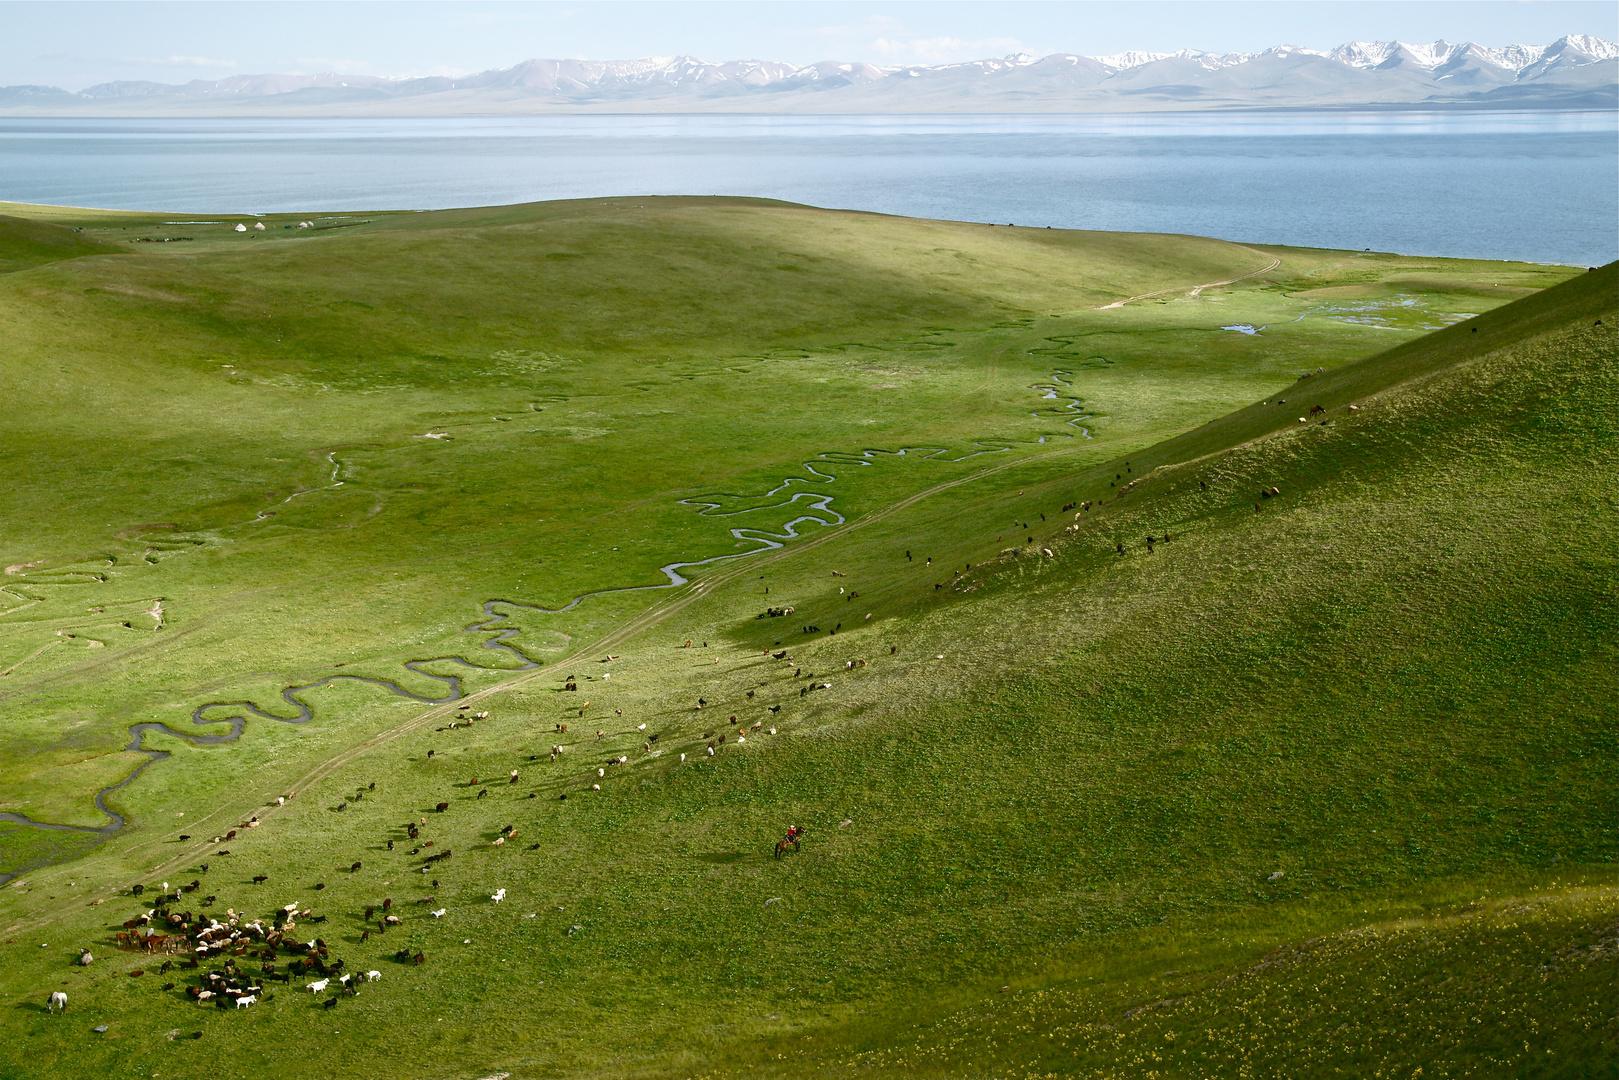 Shepherd's land